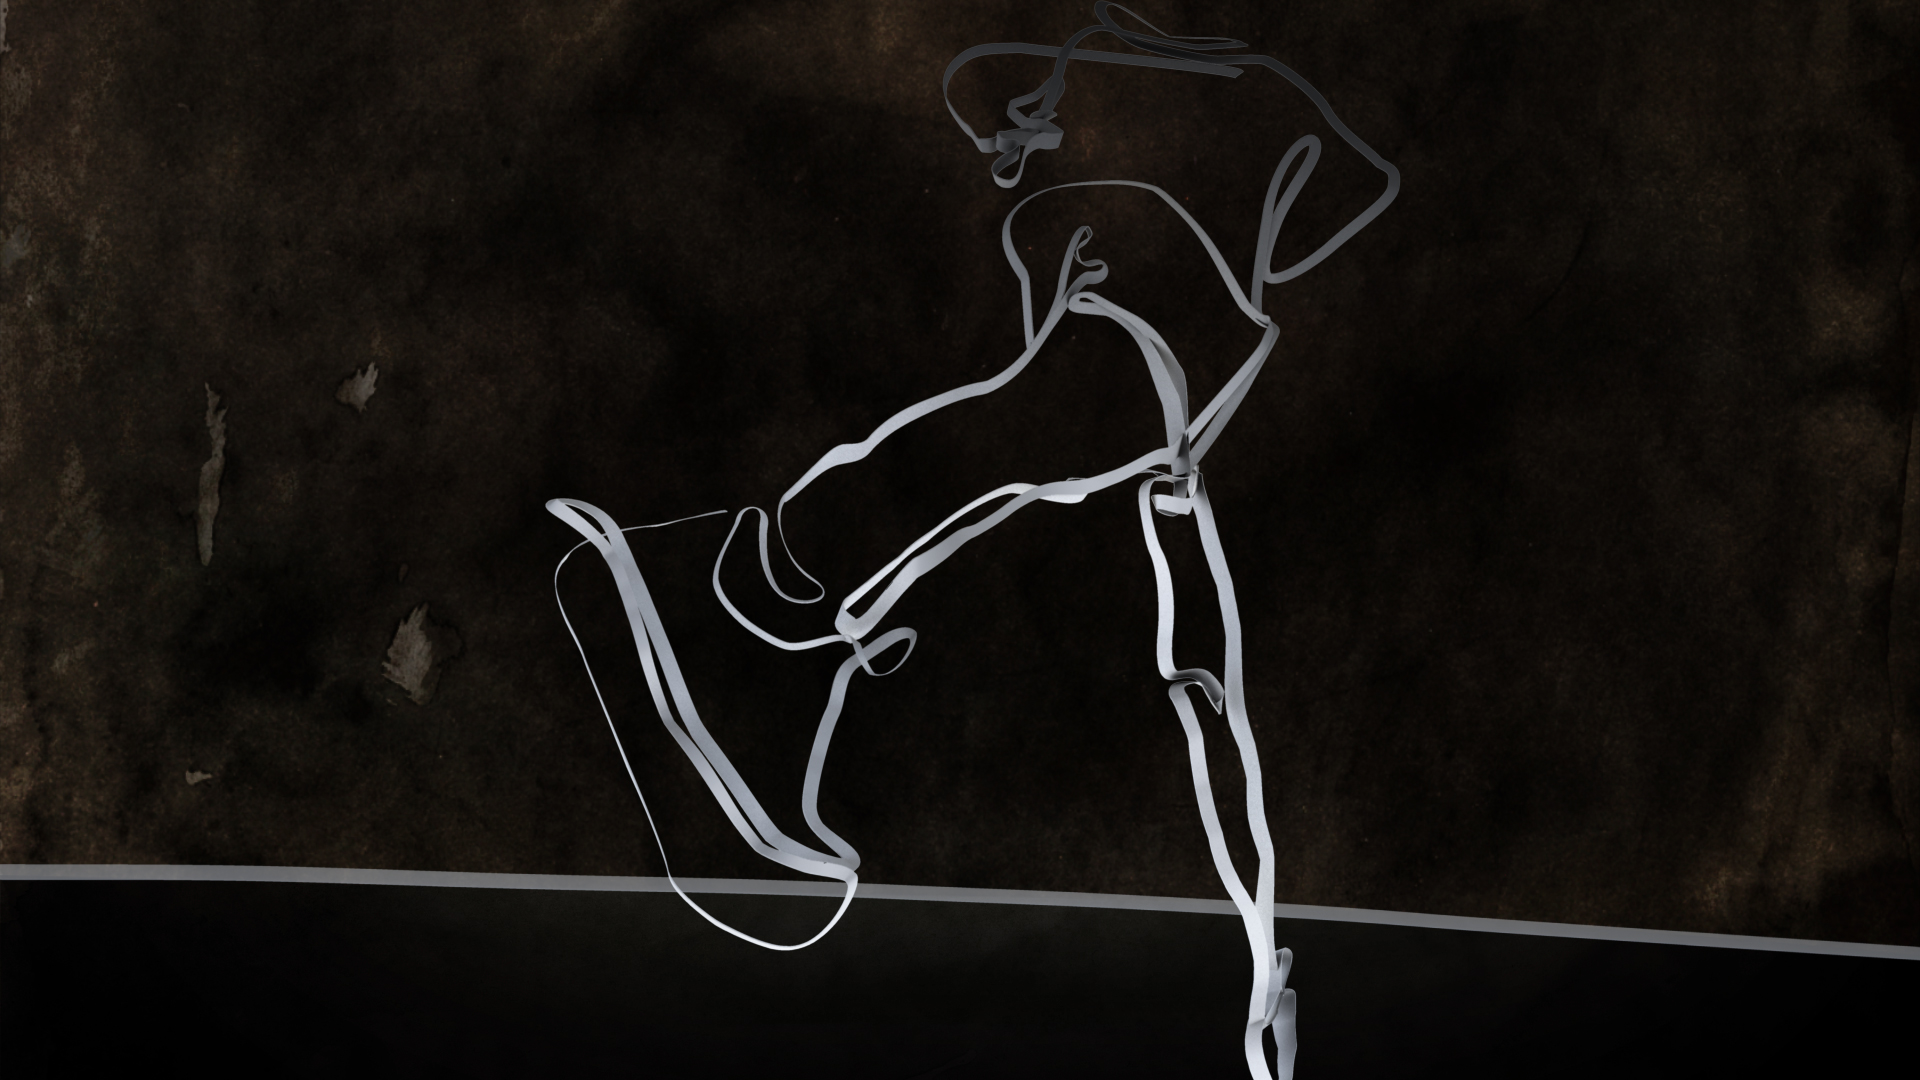 Nike_FlyKnit_Styleframe_012_v003